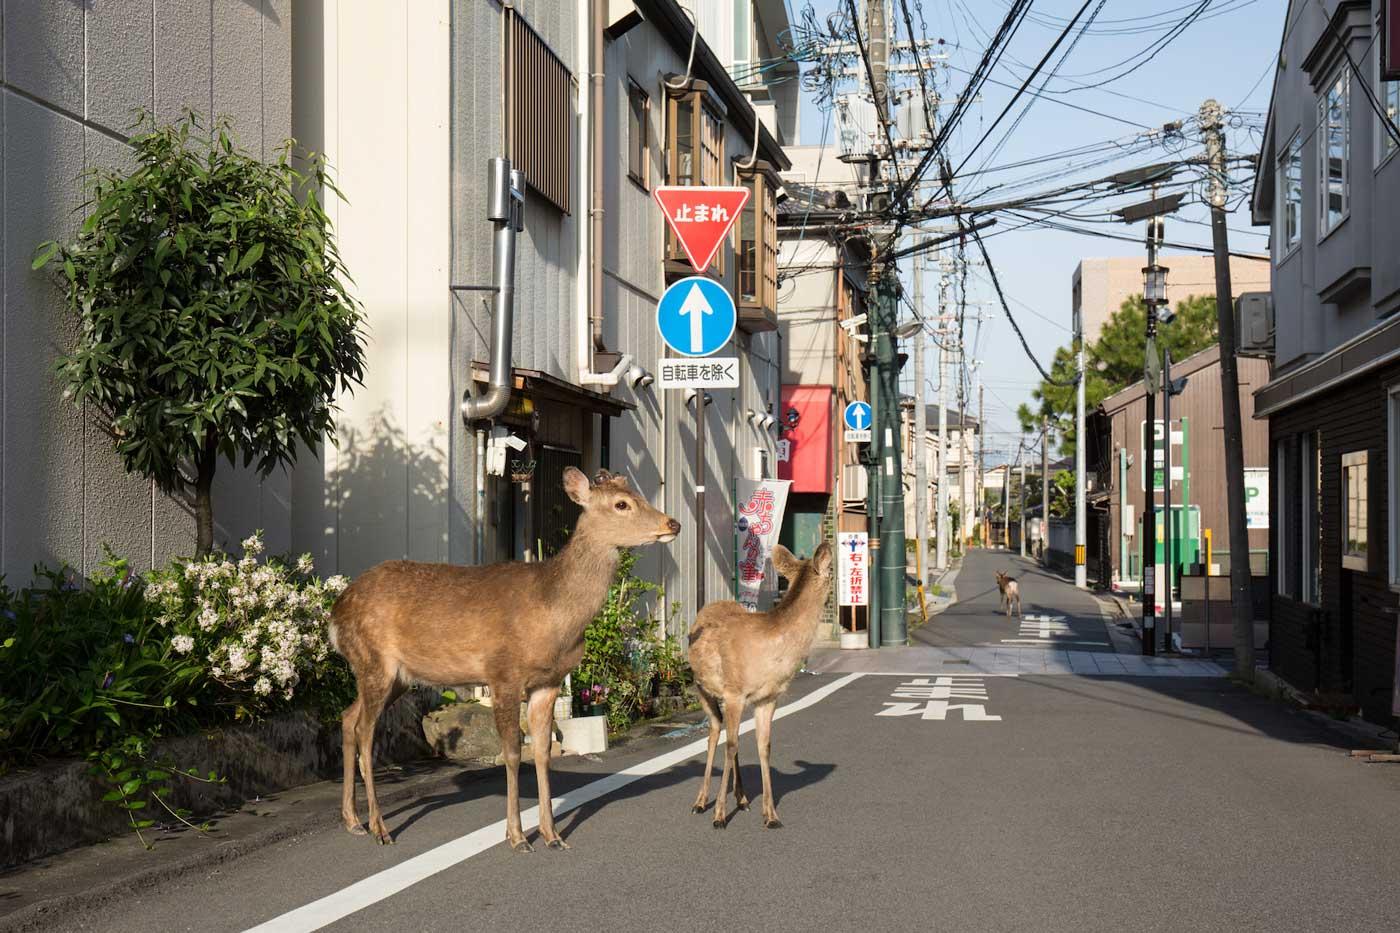 © Yoko Ishii